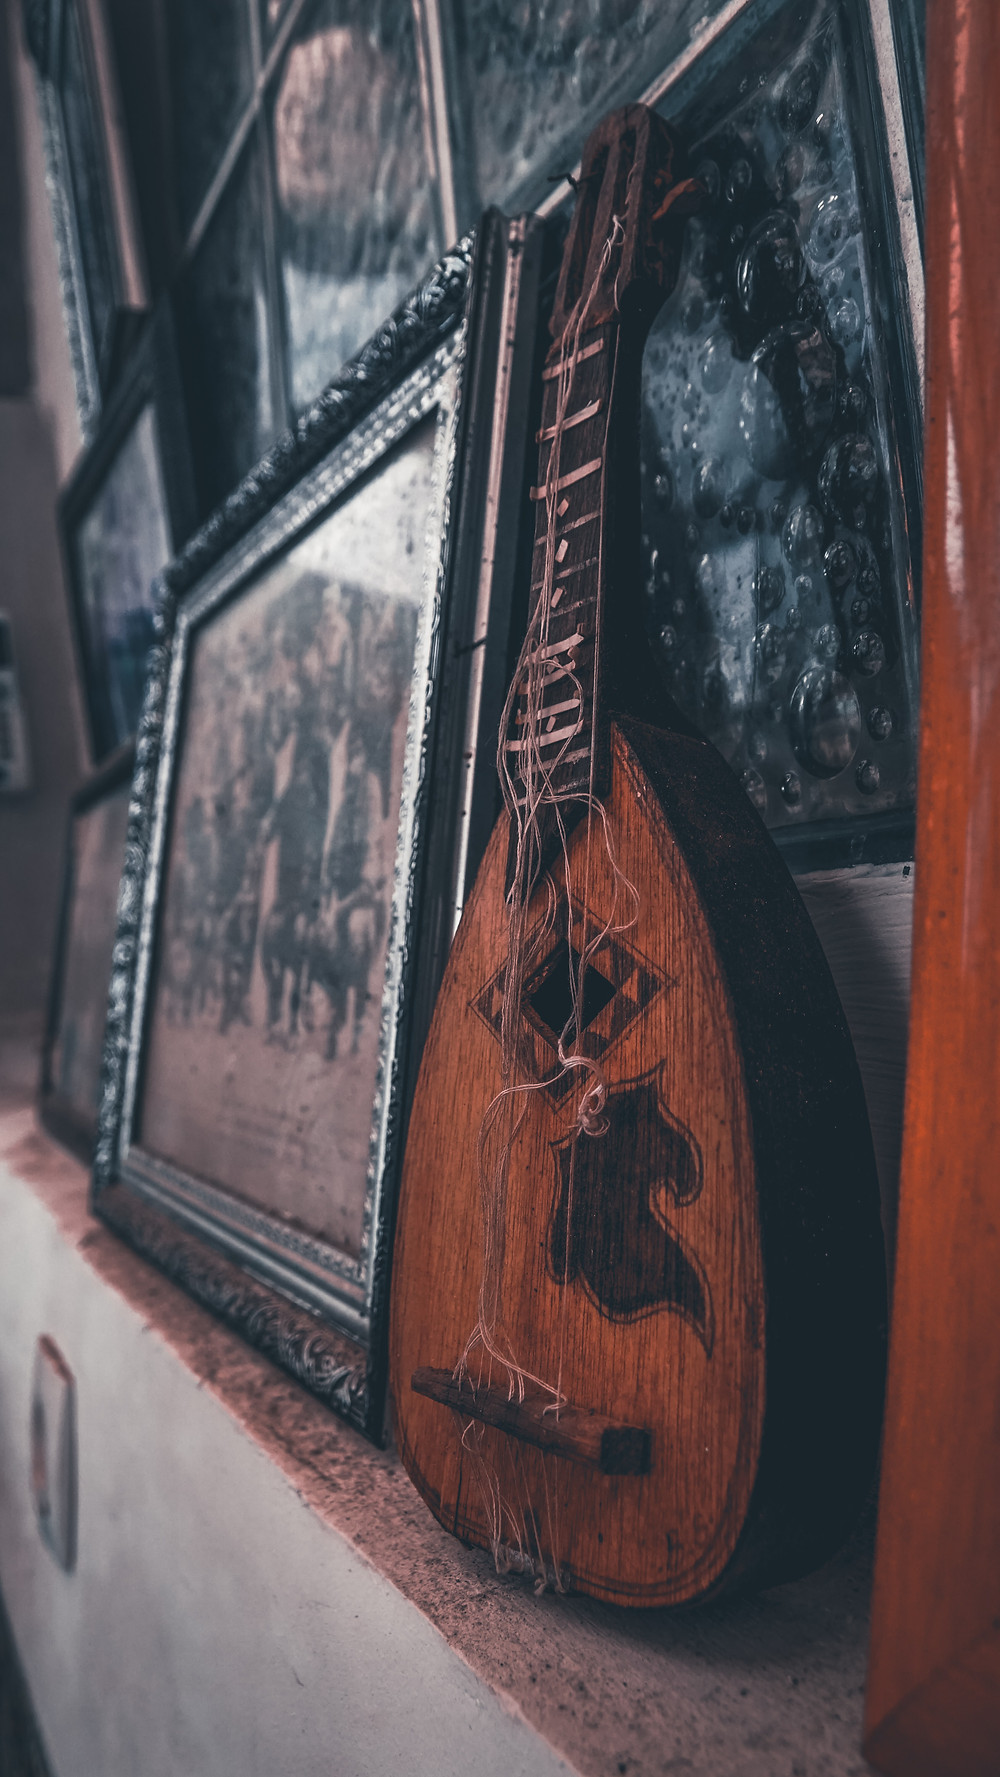 Alaúde com as cordas soltas, escorado à parede, ao lado de quadros com fotos antigas.